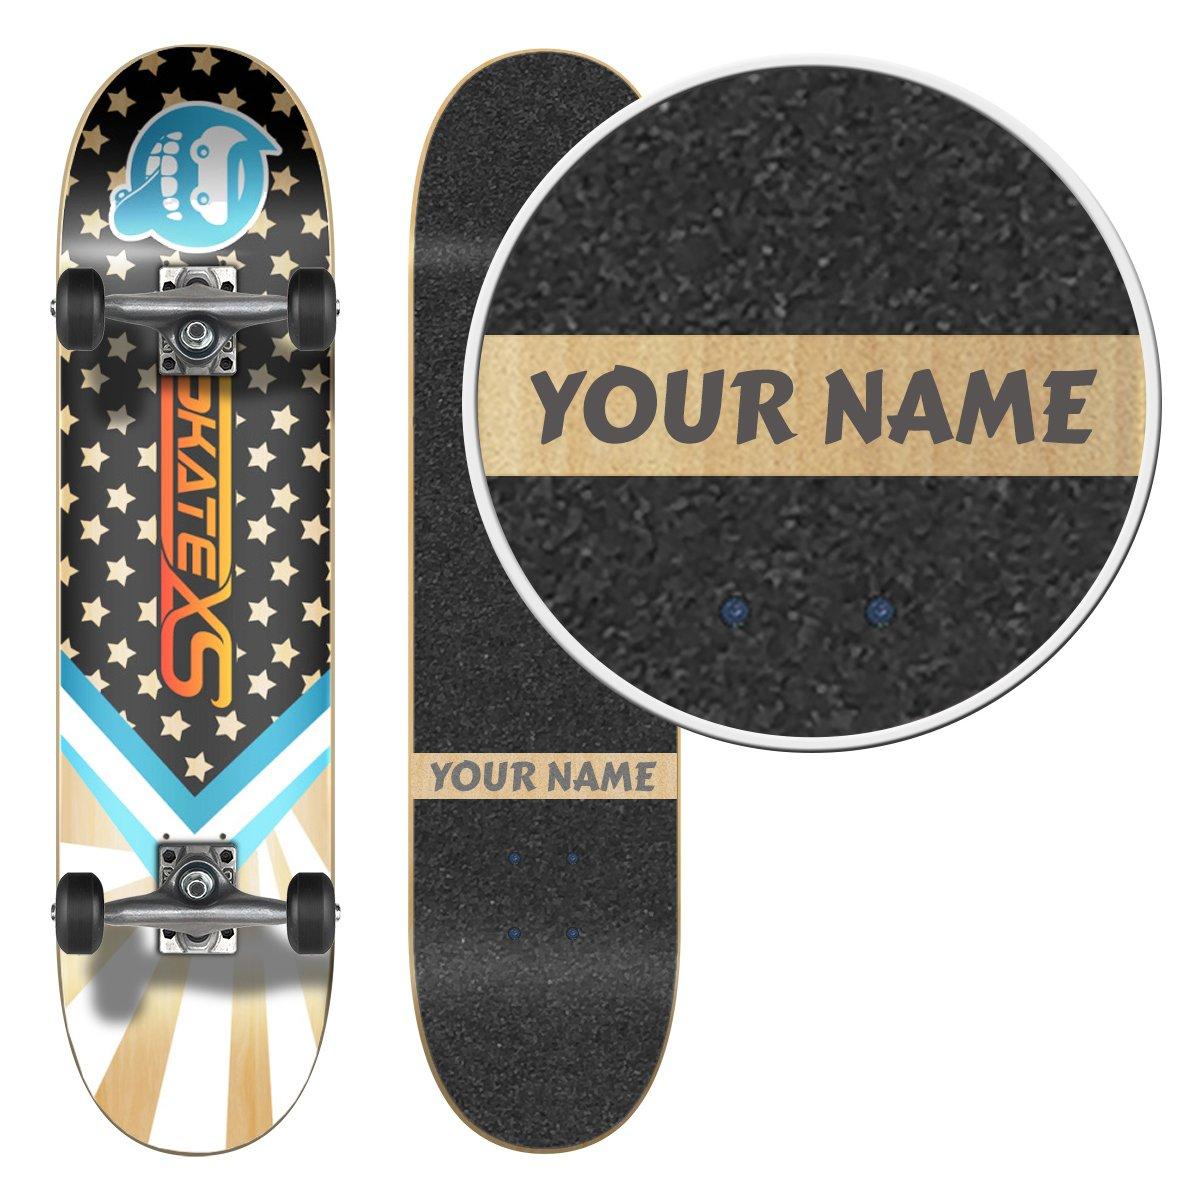 SkateXS Personalized Beginner Starboard Street Skateboard by SkateXS